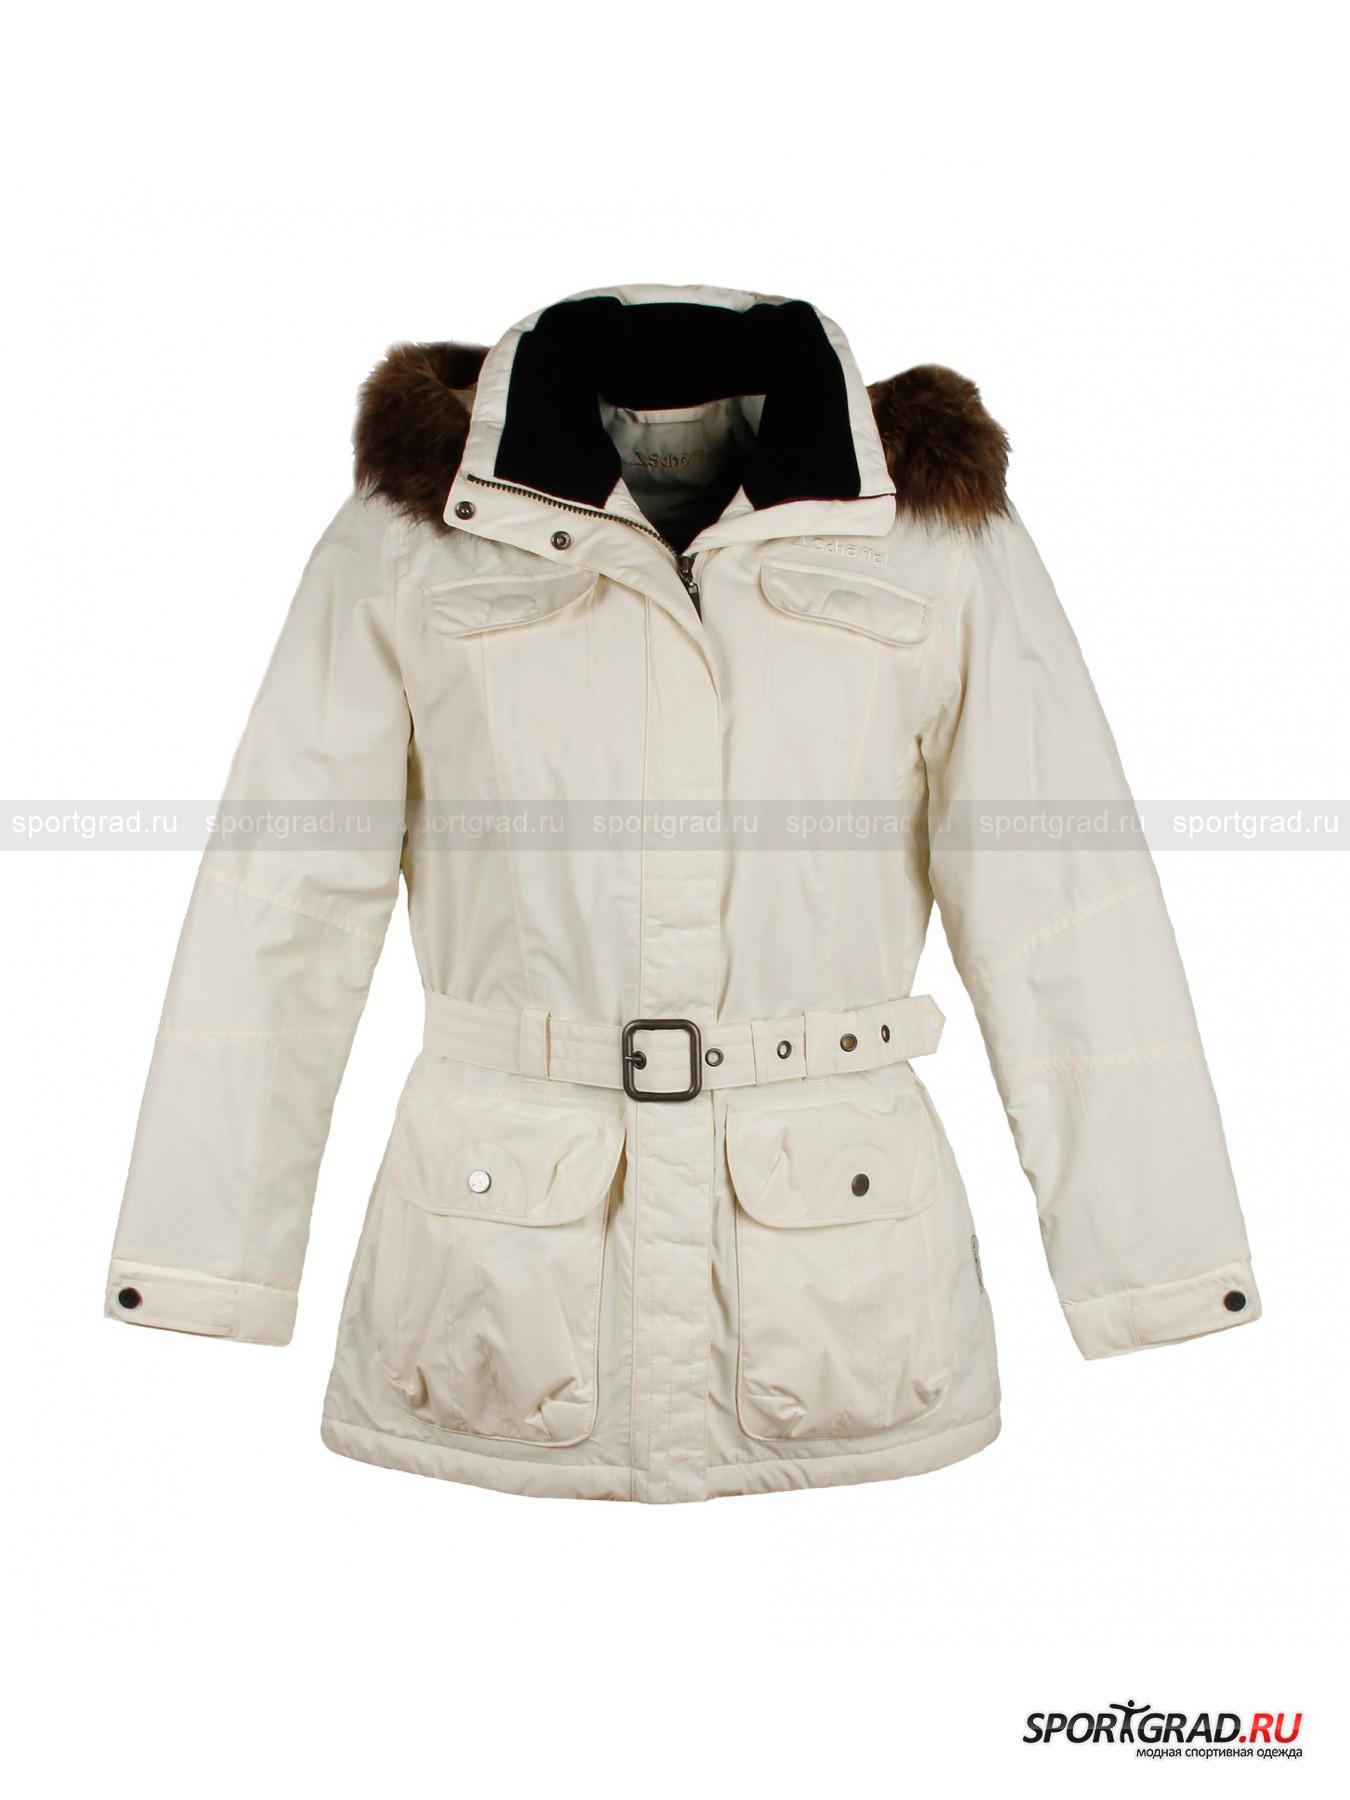 Куртка женская Merle SCHOFFELКуртки<br>Тёплая женская куртка Schoffel с искусственным мехом и поясом. Изнутри она отделана мягким флисом, что делает её особенно-приятной для кожи, а также она снабжена фирменной мембраной Venturi, благодаря чему в ней Вам всегда будет тепло и сухо. <br><br>Модель имеет:<br>- 7 карманов, включая внутренний потайной на молнии;<br>- регулируемый пояс с пряжкой;<br>- регулируемые манжеты;<br>- съёмный капюшон  с отстёгивающимся мехом;<br>- дышащую непродуваемую мембрану с водонепроницаемостью: 10000 мм/в.ст.;<br>- рукава анатомического кроя.<br><br>Пол: Женский<br>Возраст: Взрослый<br>Тип: Куртки<br>Рекомендации по уходу: Ручная стирка при 30 градусах, щадящий ручной отжим, гладить при температуре до 120 градусов, вывернув наизнанку.<br>Состав: 100% полиэстер